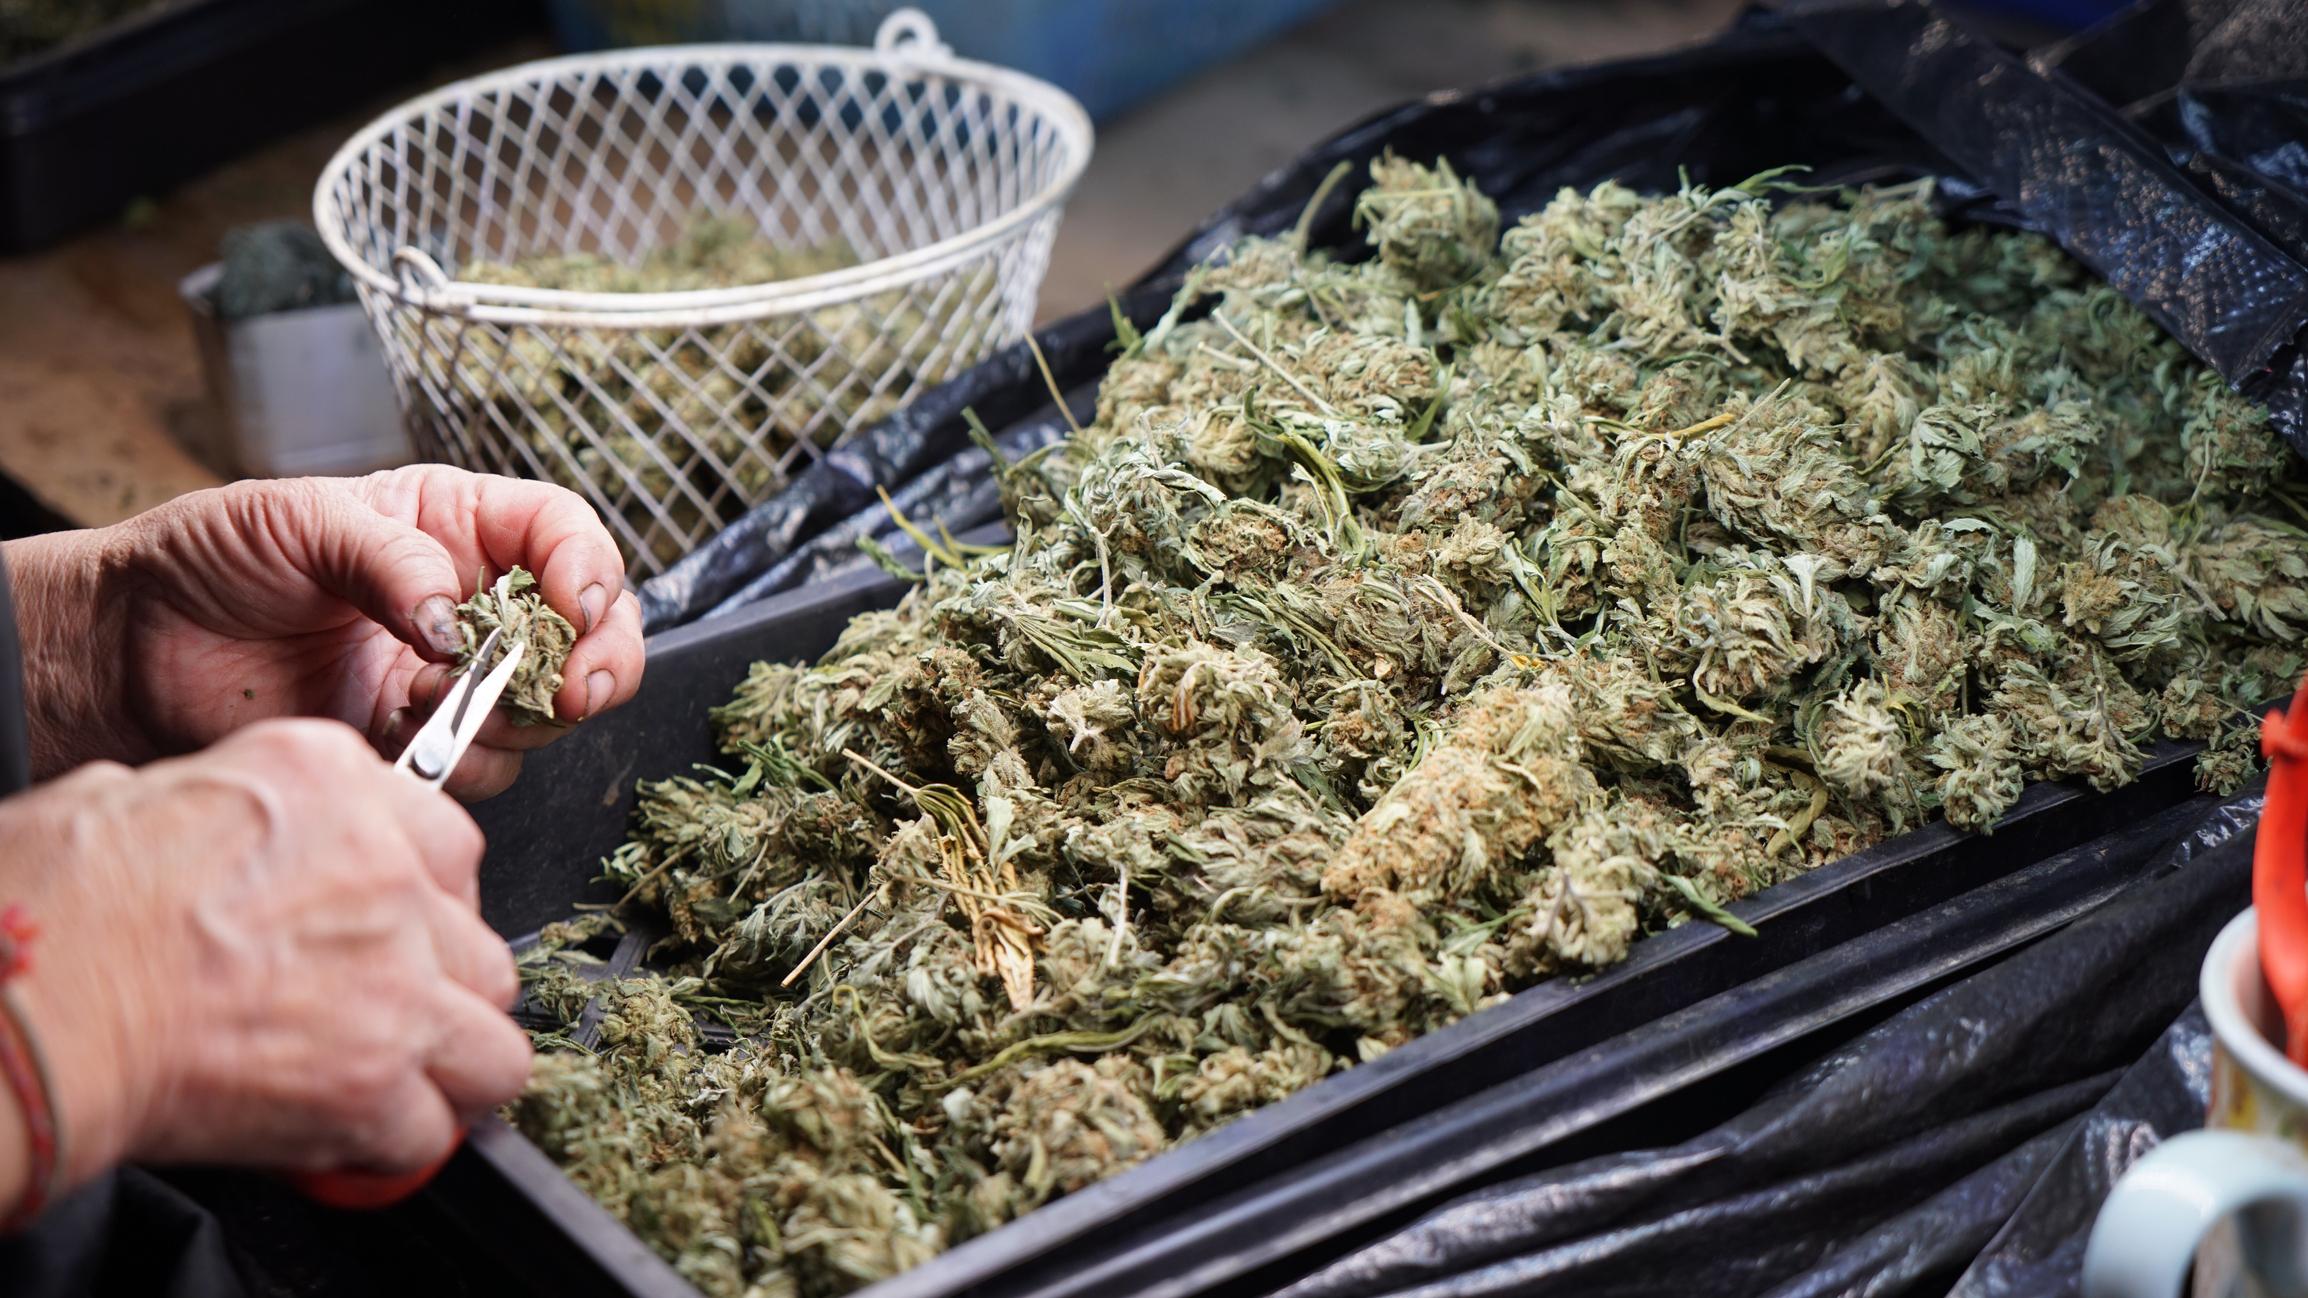 Someone trimming marijuana flowers.